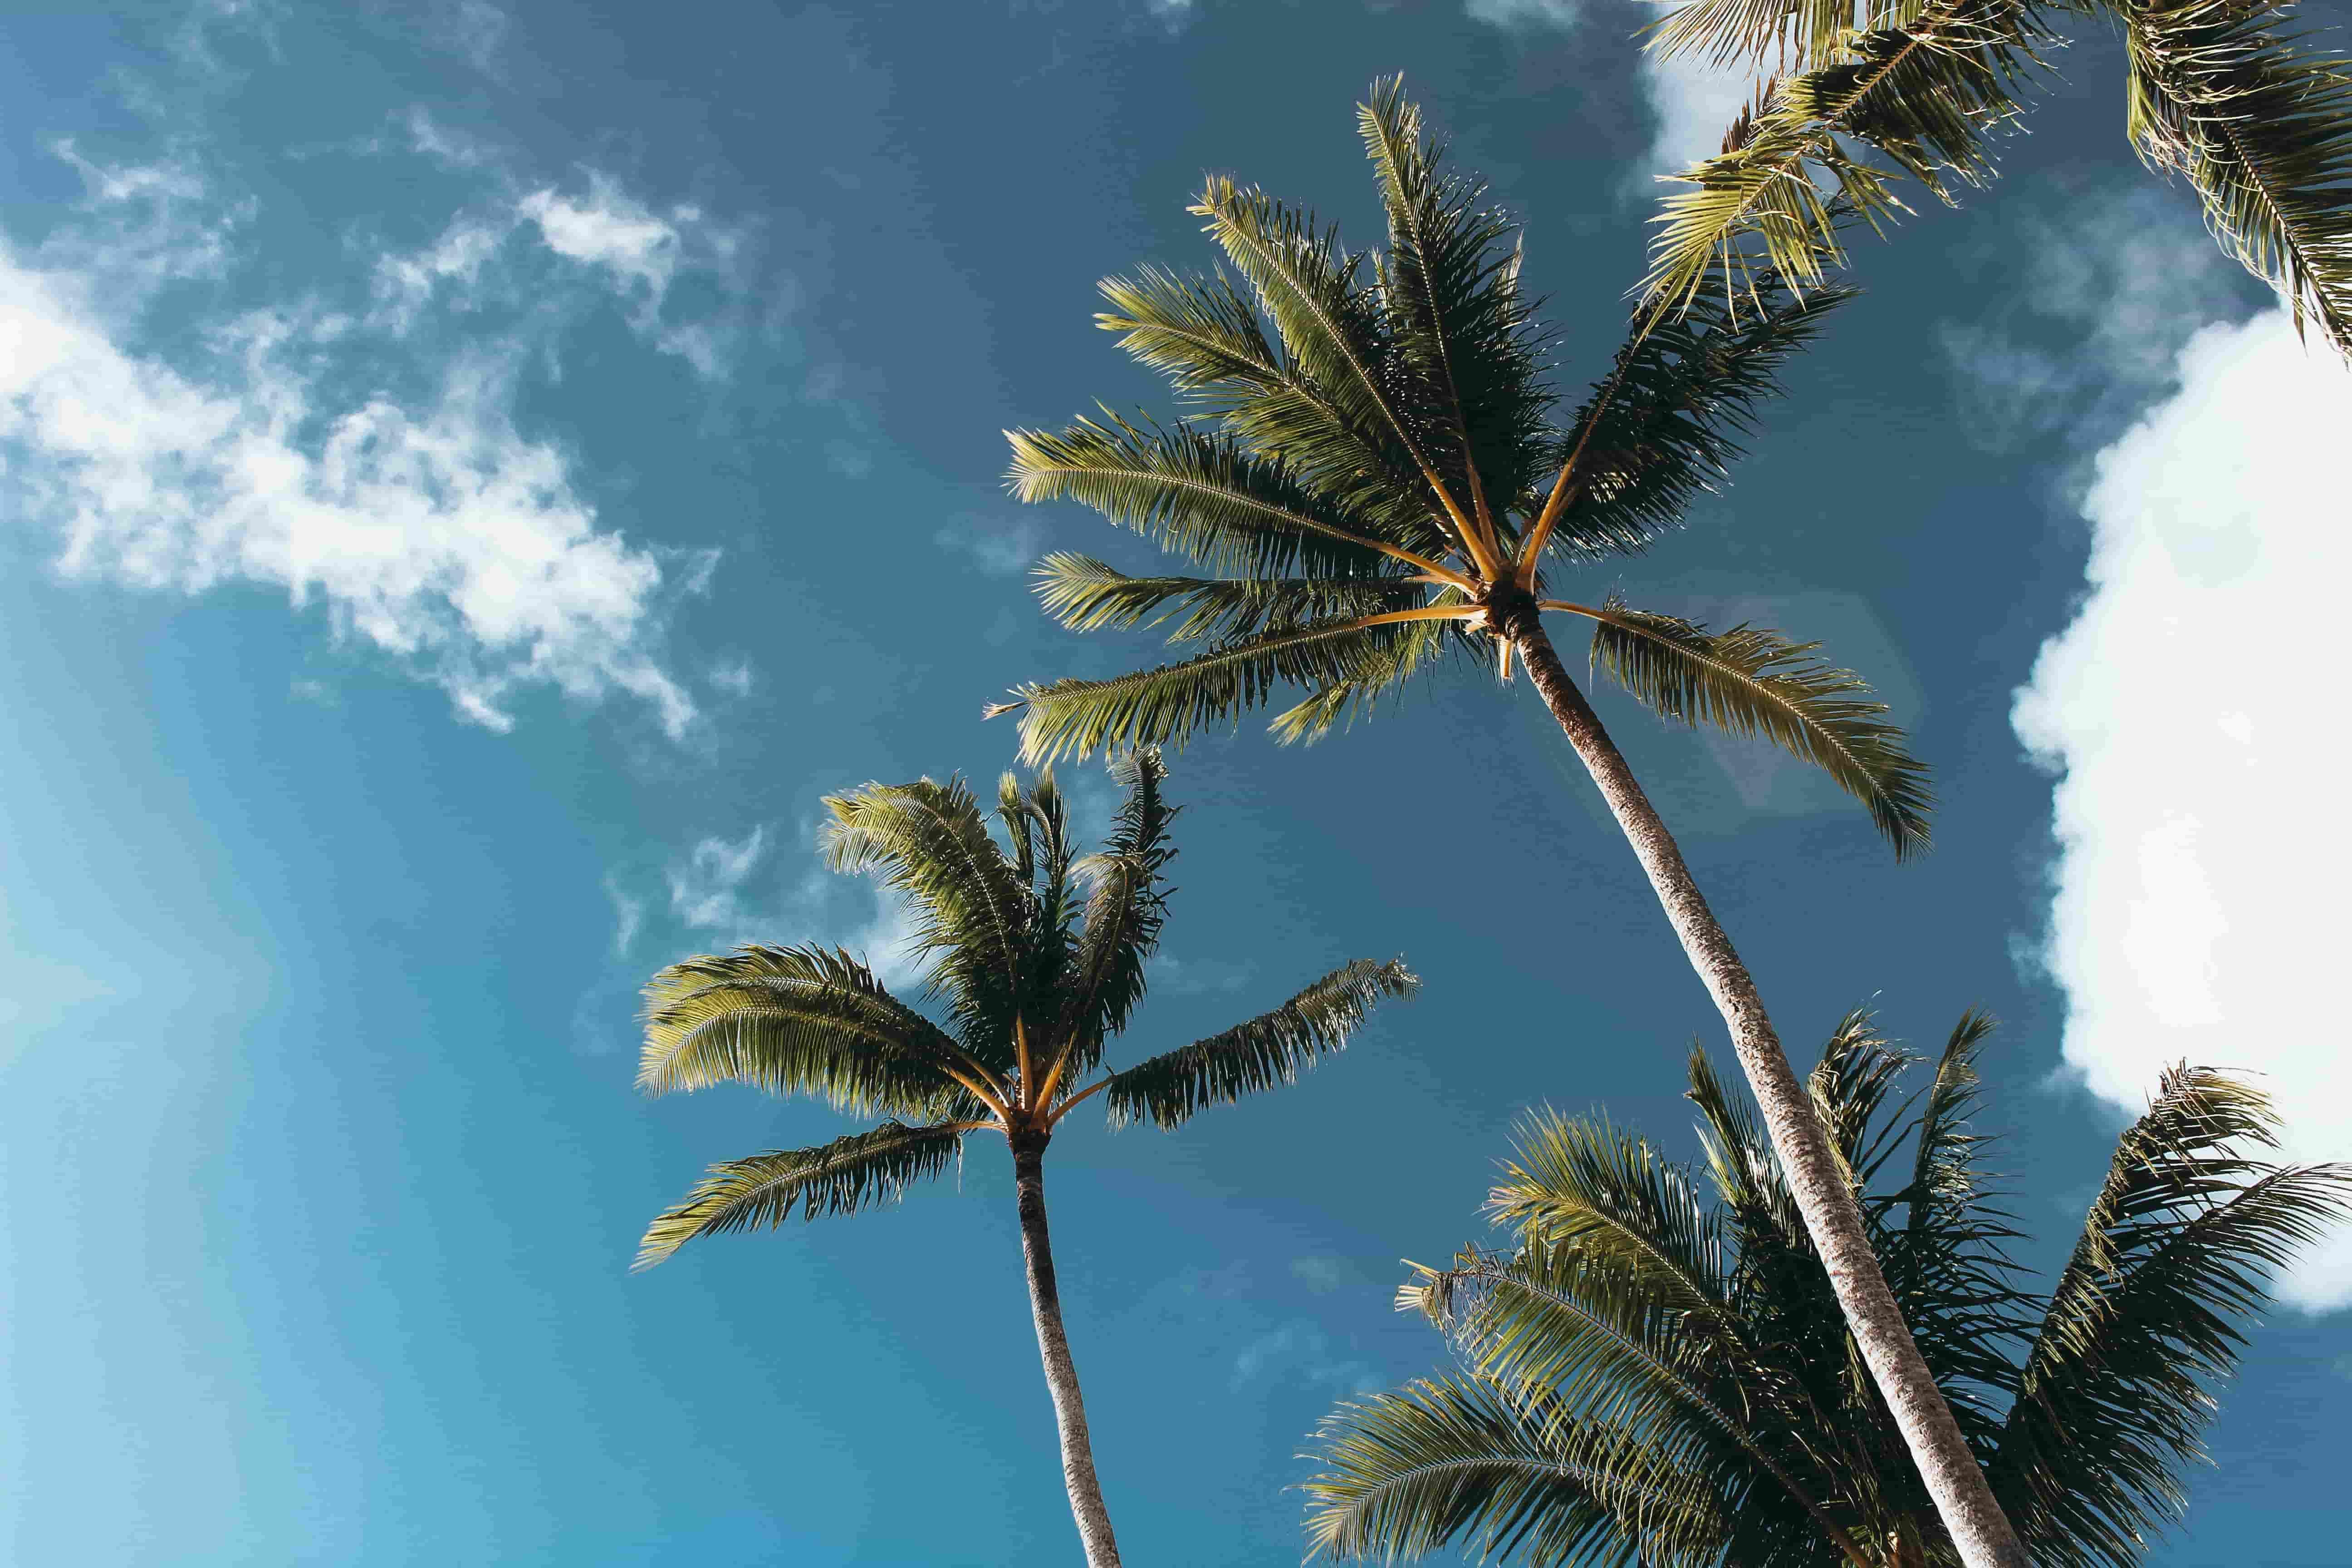 ケツメイシ ヤシの木のように 歌詞とメロディが最高な夏曲!